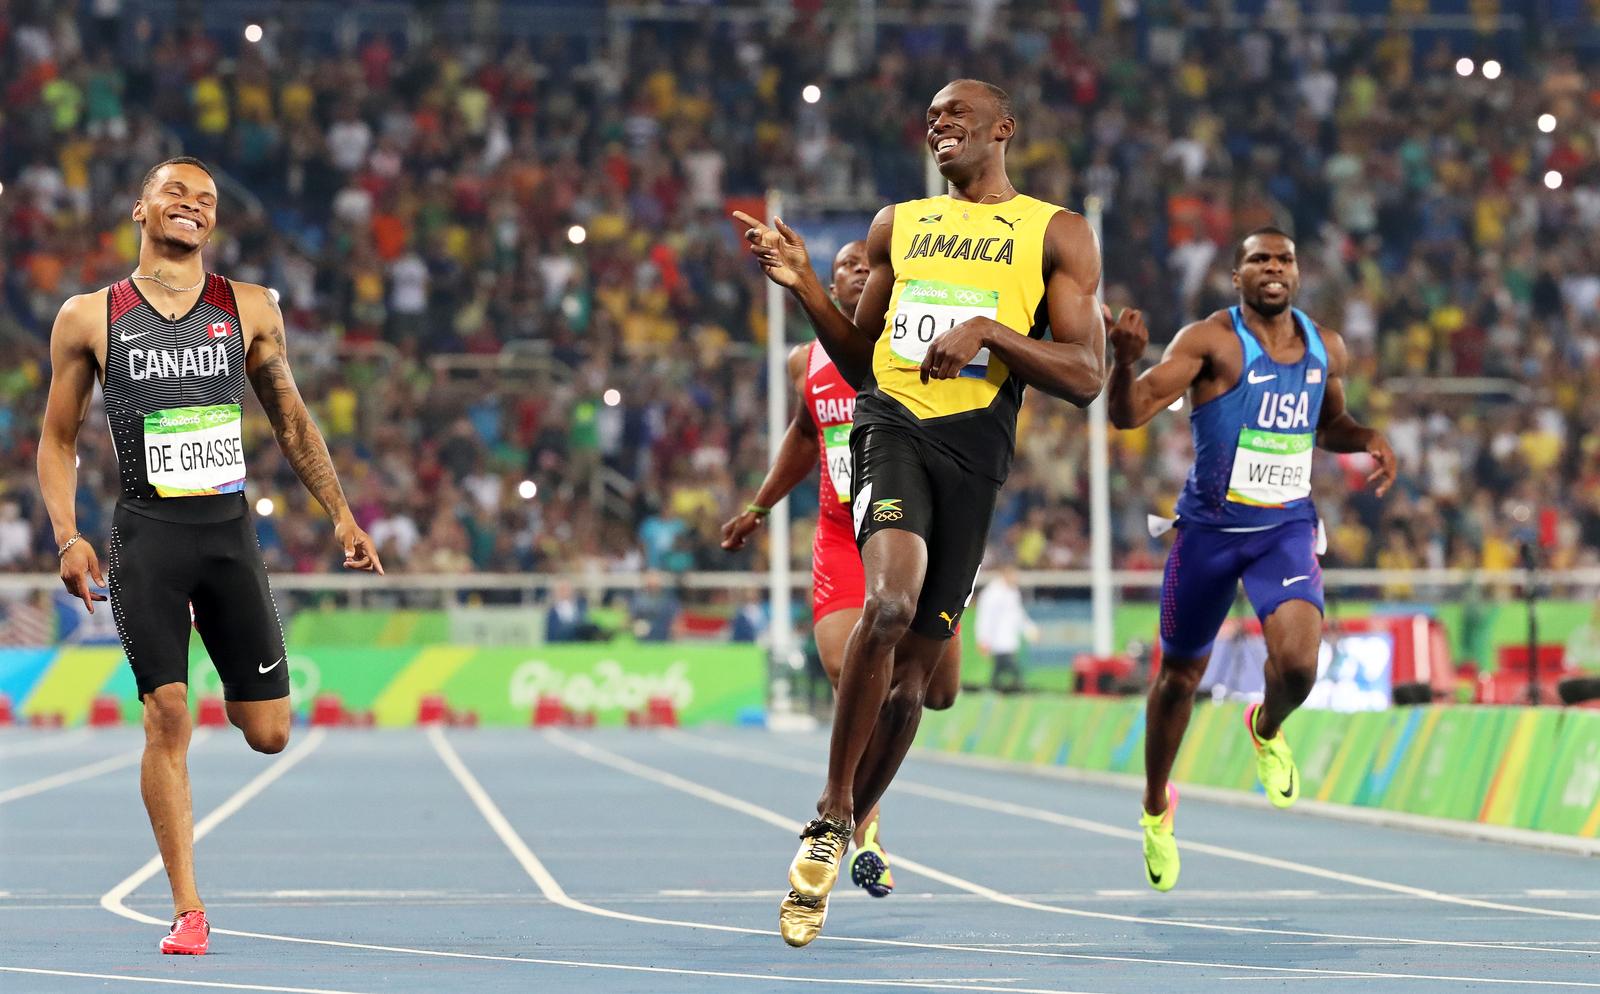 Усейн Болт не перестает выигрывать даже с травмами. Перед играми в Рио он подумывал пропустить старты, но потом передумал